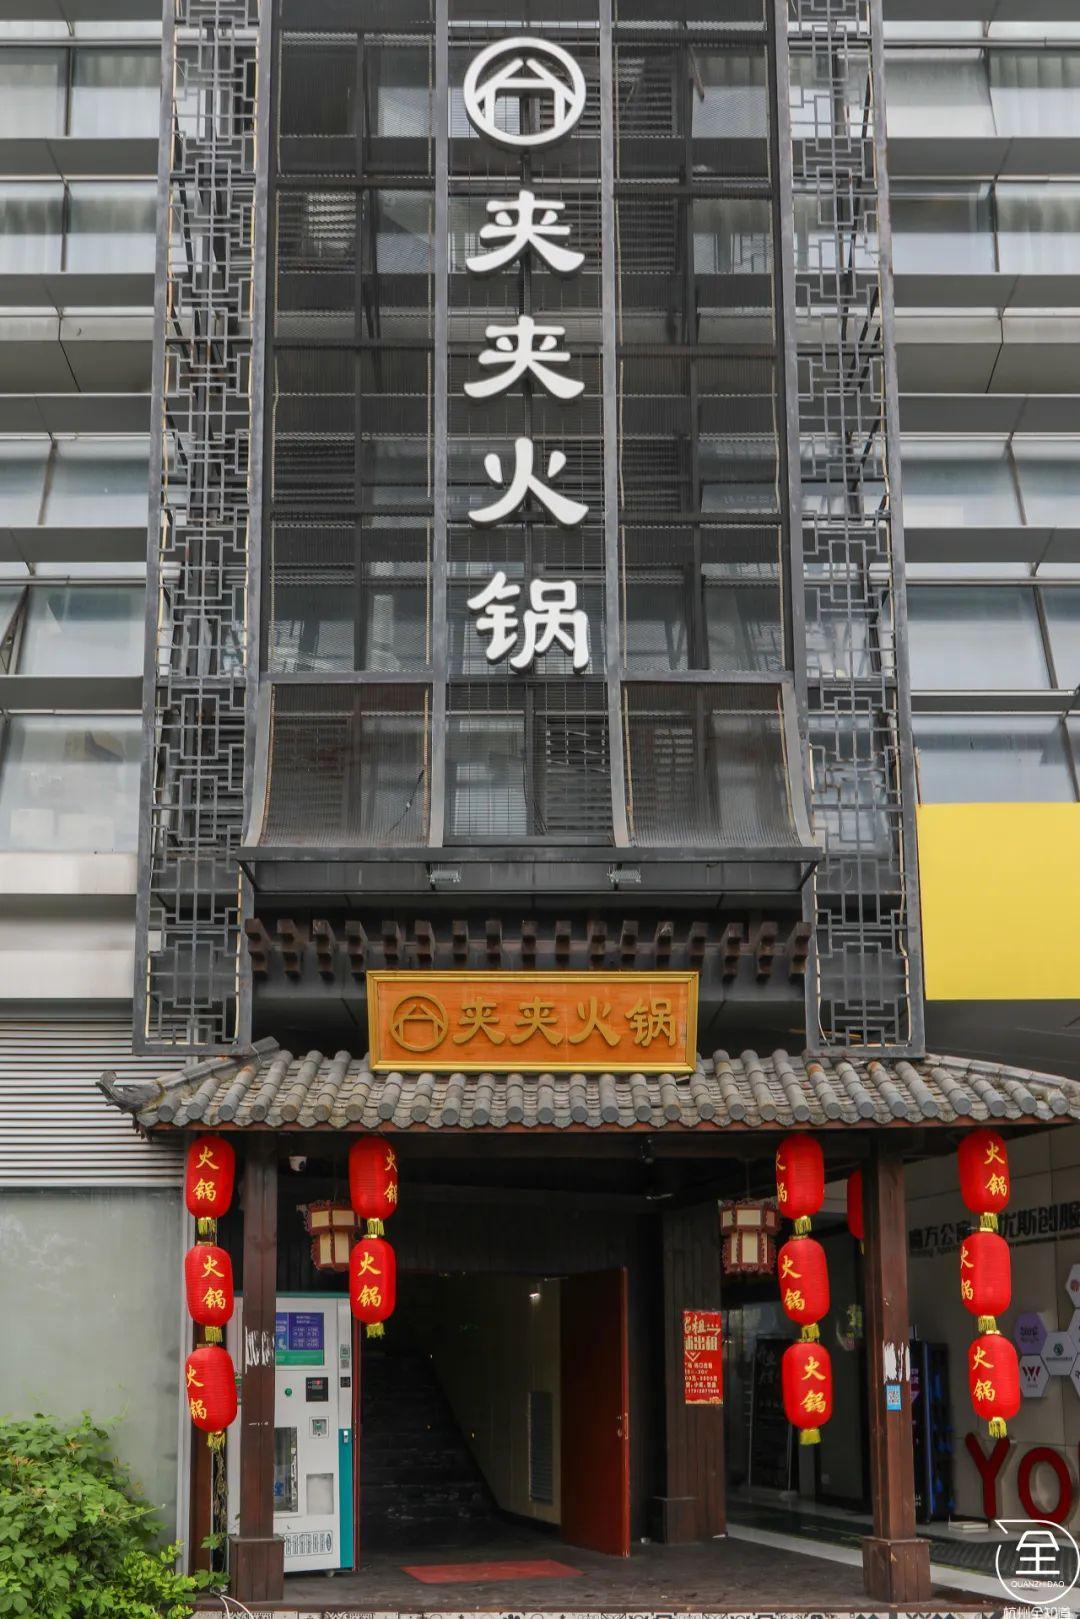 1200㎡超大神仙火锅店!霸气豪横、复古轻奢,开启夏季养生火锅新潮流!(图9)